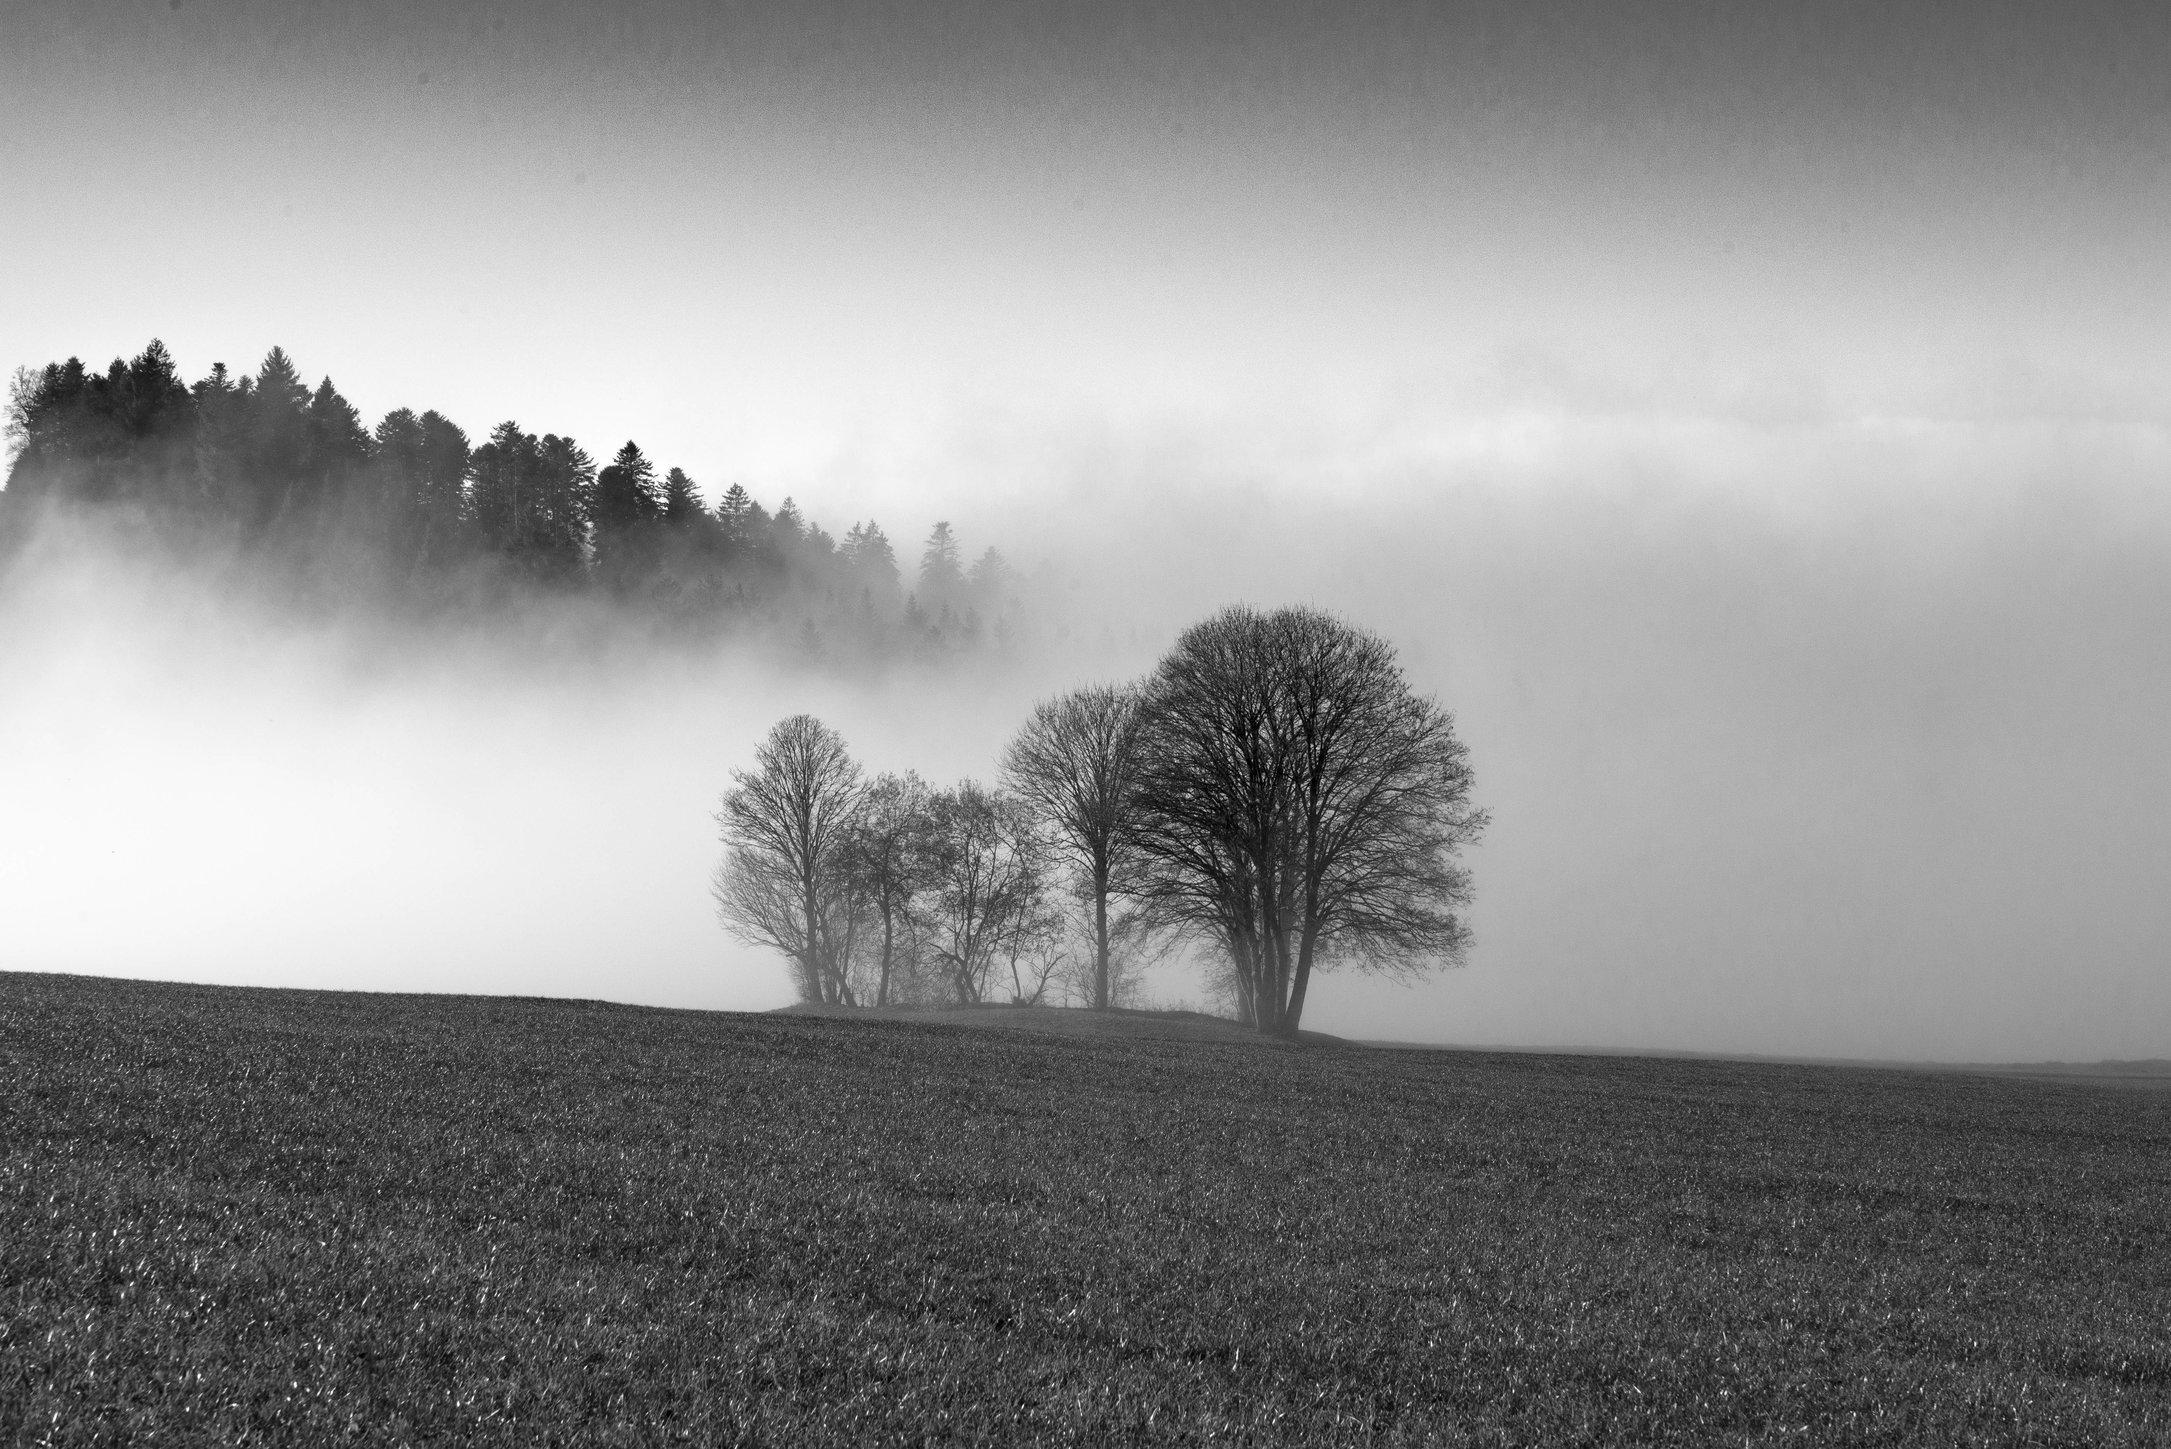 Frankreich liegt unter dem Nebel.